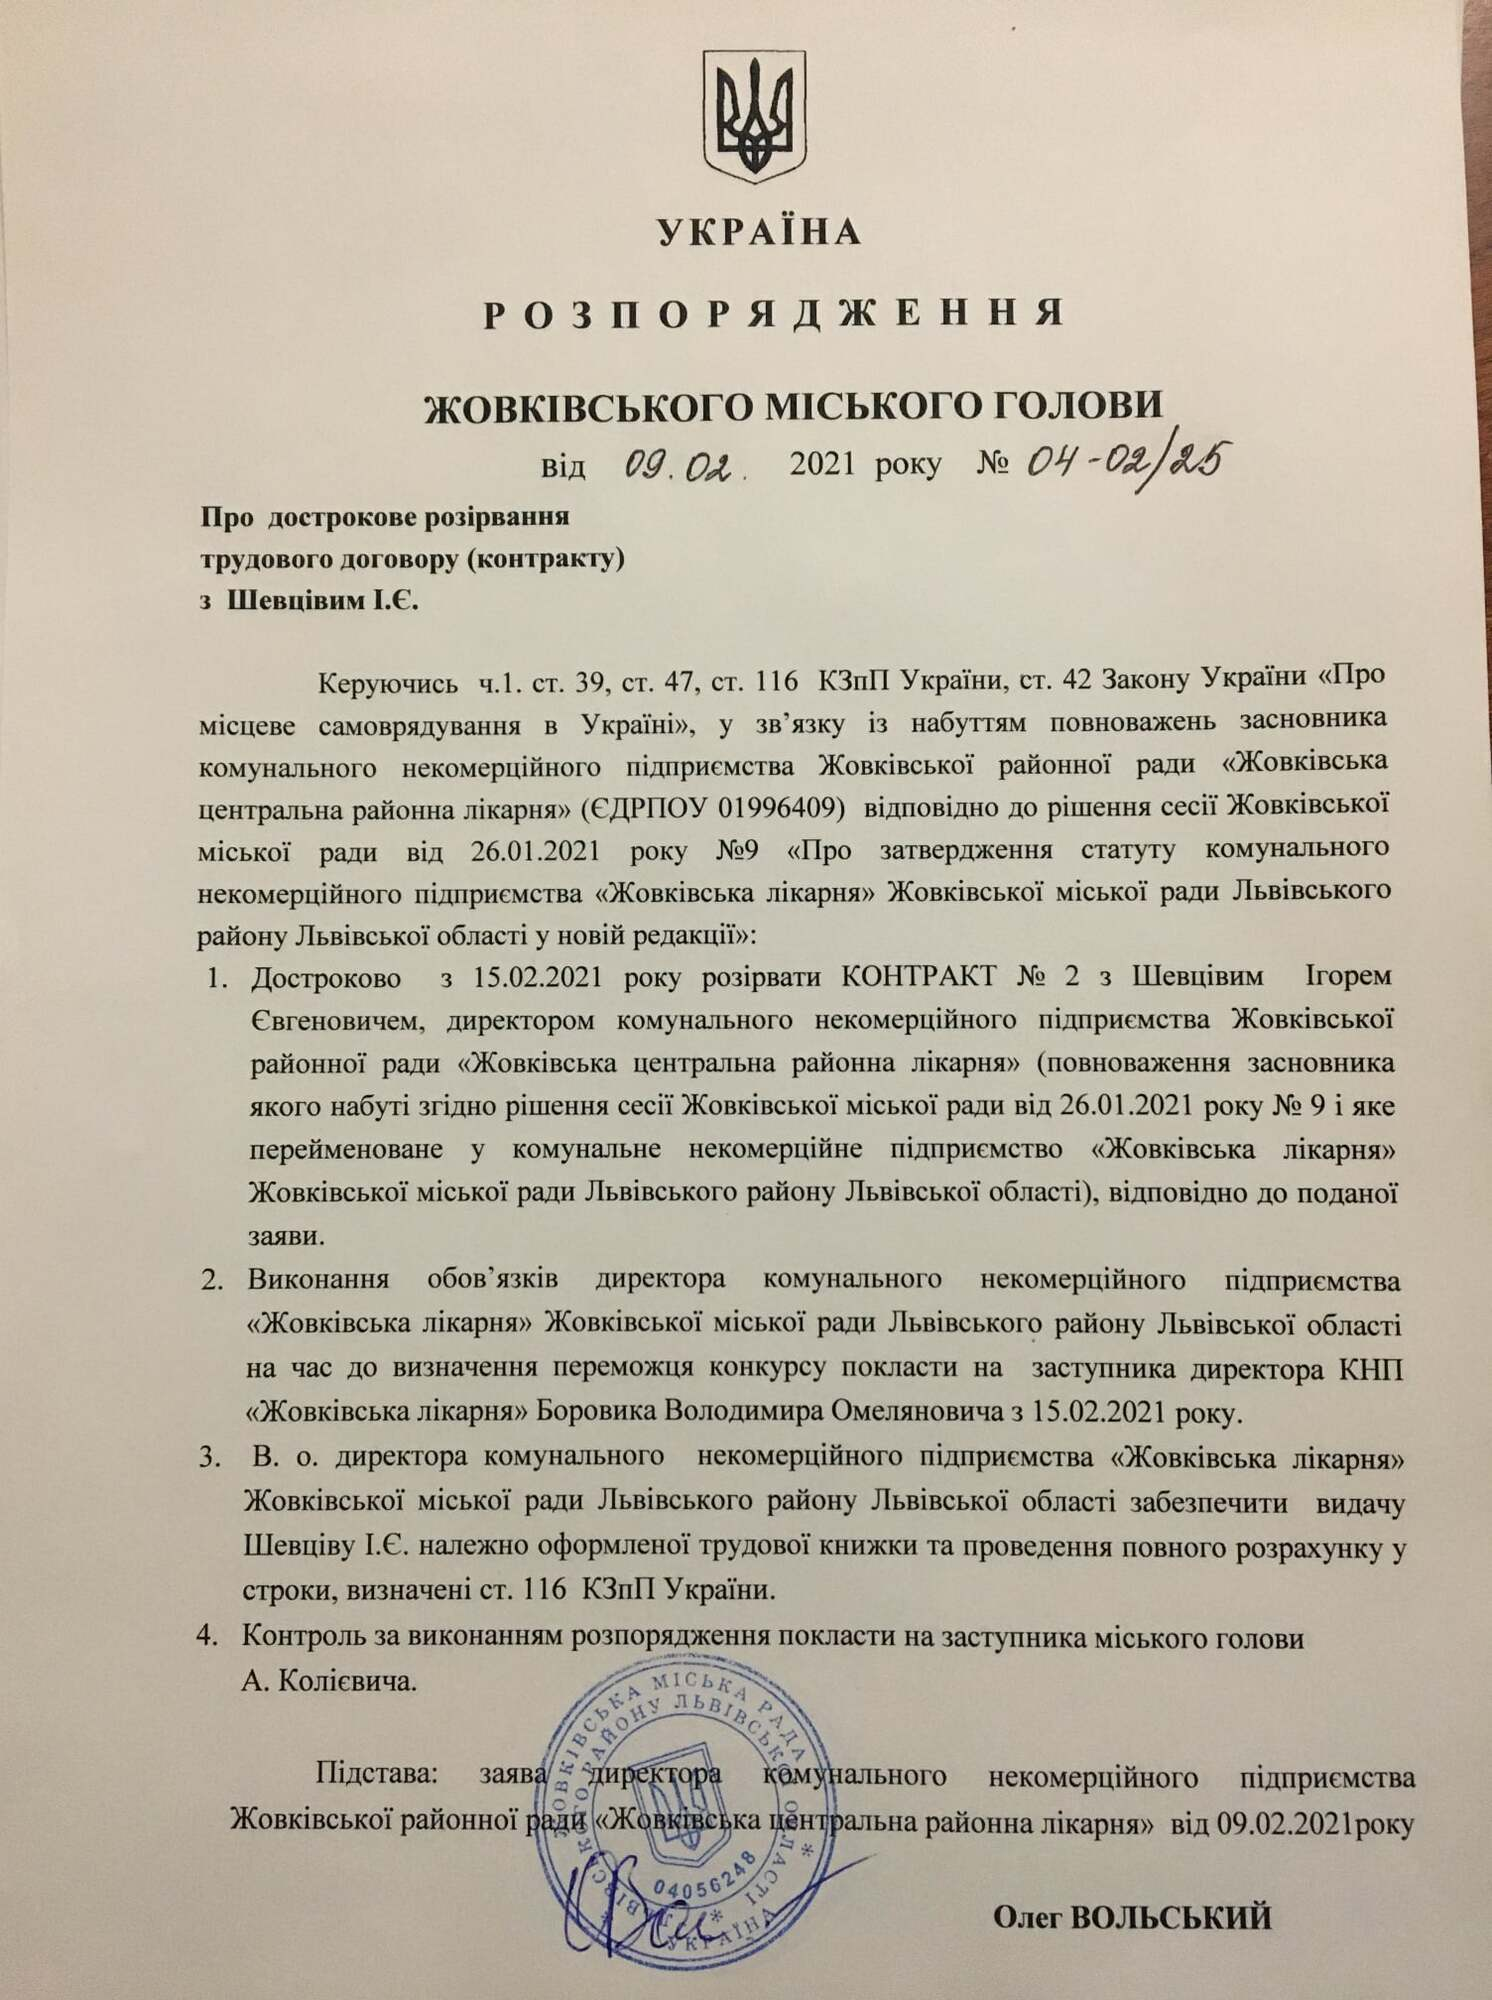 Документ об увольнении директора больницы